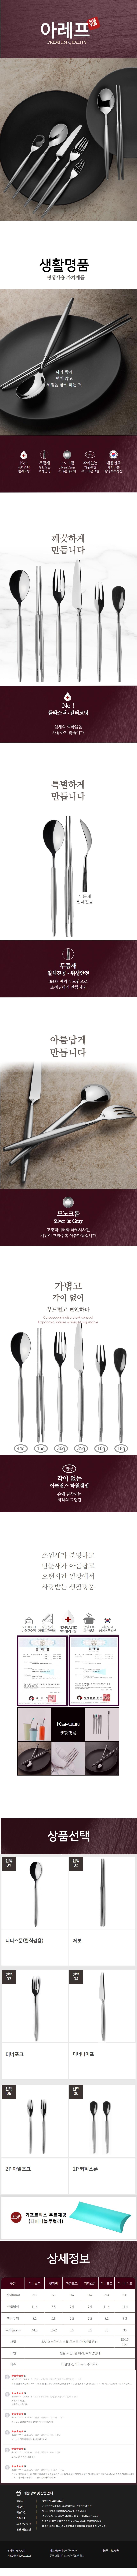 아레프 생활명품 수저 커트러리 - 케이스푼, 5,900원, 숟가락/젓가락/스틱, 숟가락/젓가락 세트